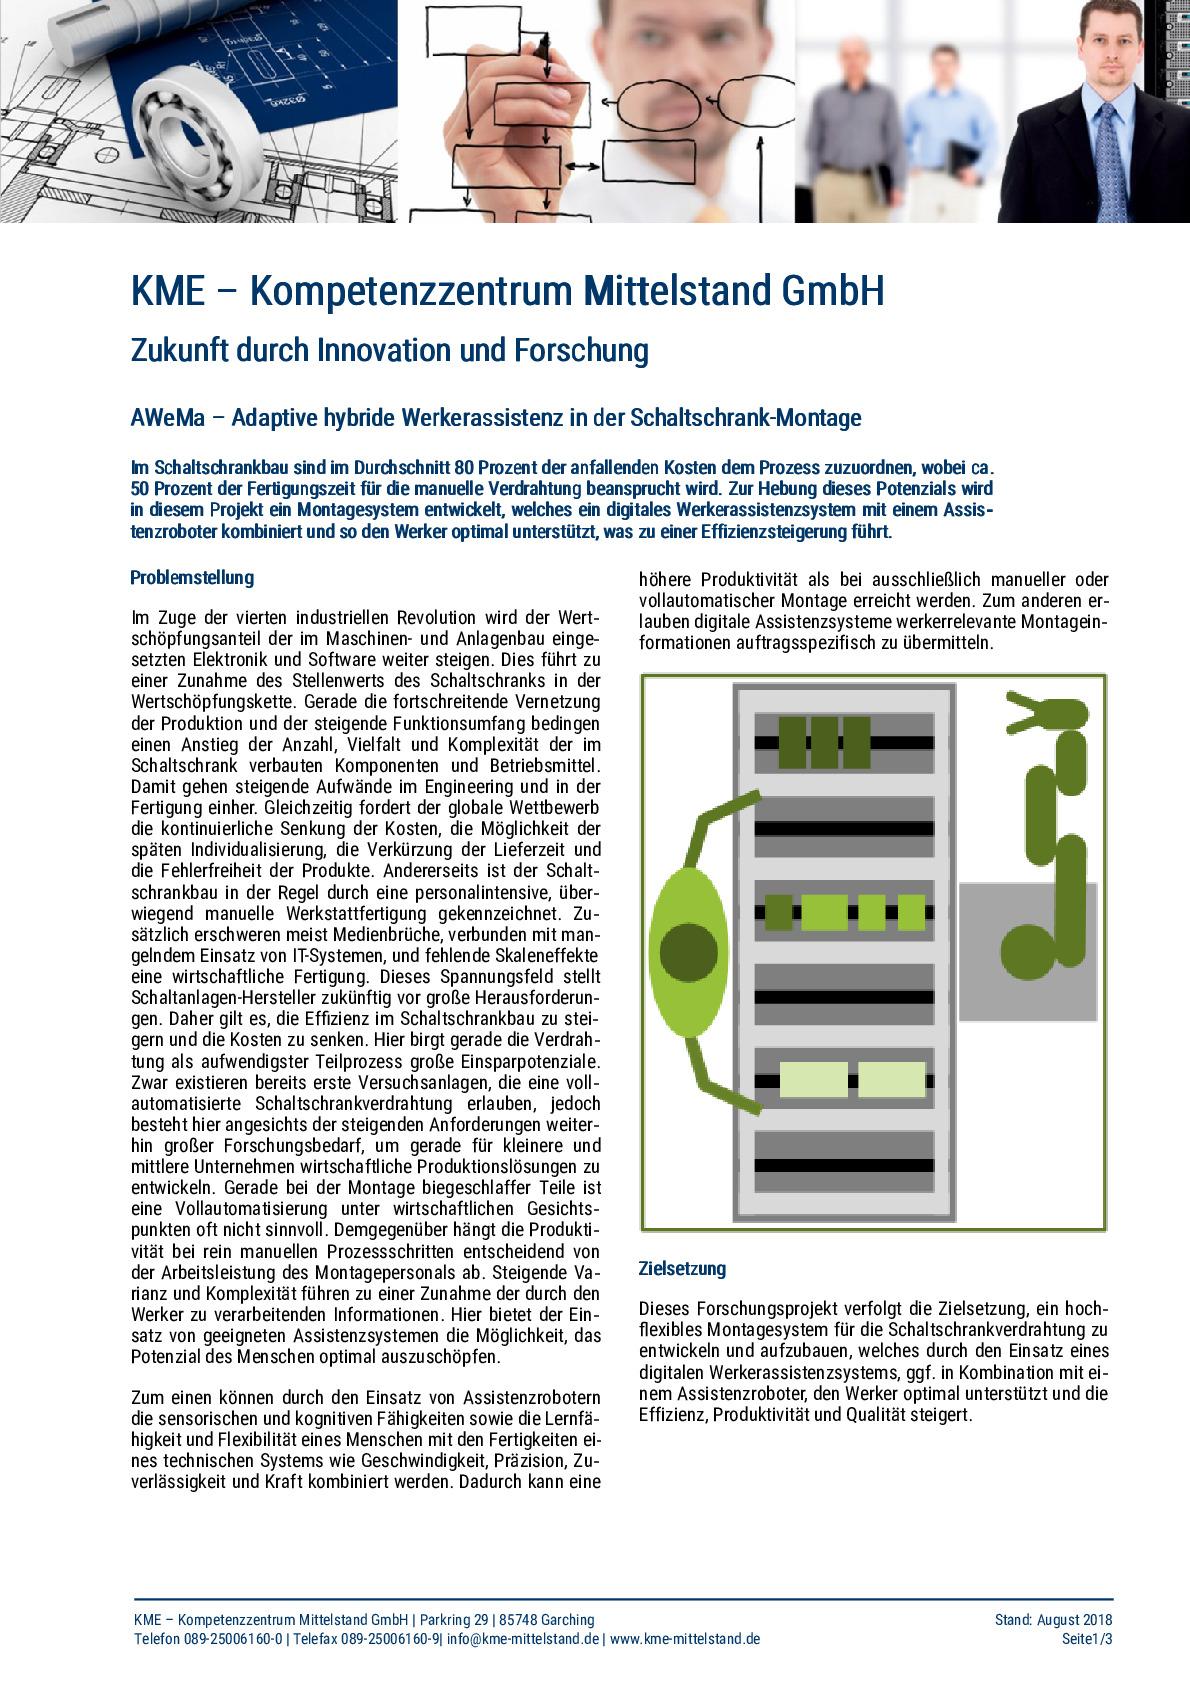 KME: Forschungsprojekte